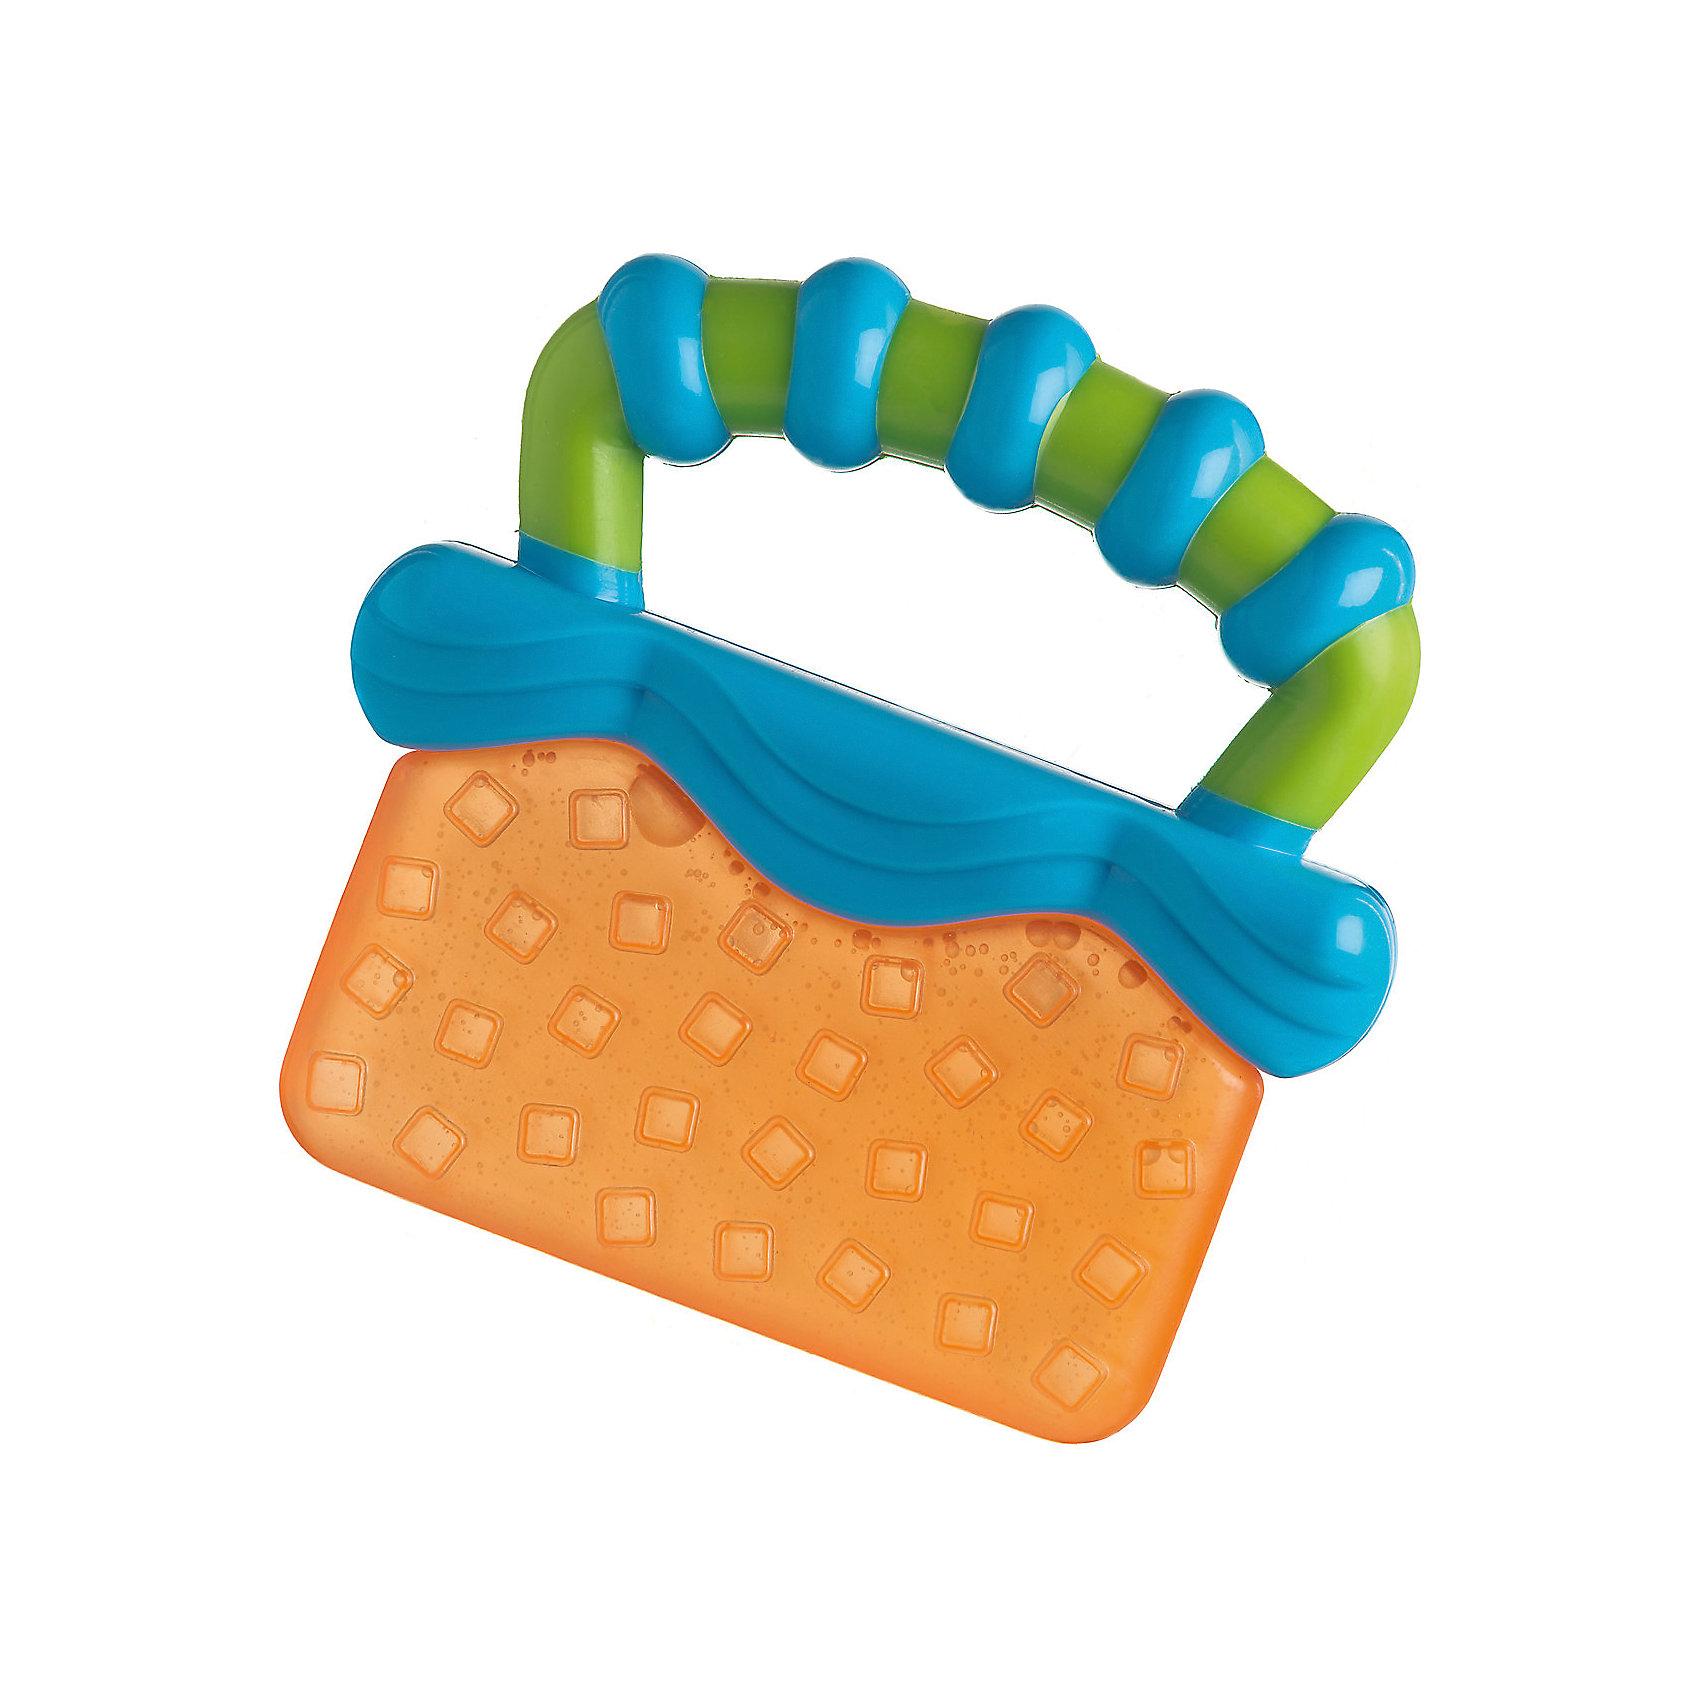 Игрушка-прорезыватель, Playgro, оранжево-синяяПрорезыватели<br>Игрушка-прорезыватель, Playgro (Плейгро), оранжево-синяя.<br><br>Характеристика:<br><br>• Материал: пластик. <br>• Размер упаковки: 2,8x10,3x13,5 см.<br>• Эффективно успокоит нежные десны малыша. <br>• Для наилучшего эффекта перед использованием положить в холодильник на несколько минут.<br>• Яркий привлекательный дизайн. <br>• Рельефная поверхность поможет развить тактильные ощущения и моторику рук. <br><br>Яркий прорезыватель эффективно и бережно успокоит нежные десны крохи. Прорезыватель имеет удобную ручку с рельефной поверхностью, идеально подходит для маленьких детских пальчиков, изготовлен из высококачественных нетоксичных материалов безопасных для детей.  <br><br>Игрушку-прорезыватель, Playgro (Плейгро), оранжево-синюю, можно купить в нашем интернет-магазине.<br><br>Ширина мм: 103<br>Глубина мм: 28<br>Высота мм: 135<br>Вес г: 60<br>Возраст от месяцев: 36<br>Возраст до месяцев: 2147483647<br>Пол: Унисекс<br>Возраст: Детский<br>SKU: 5028451